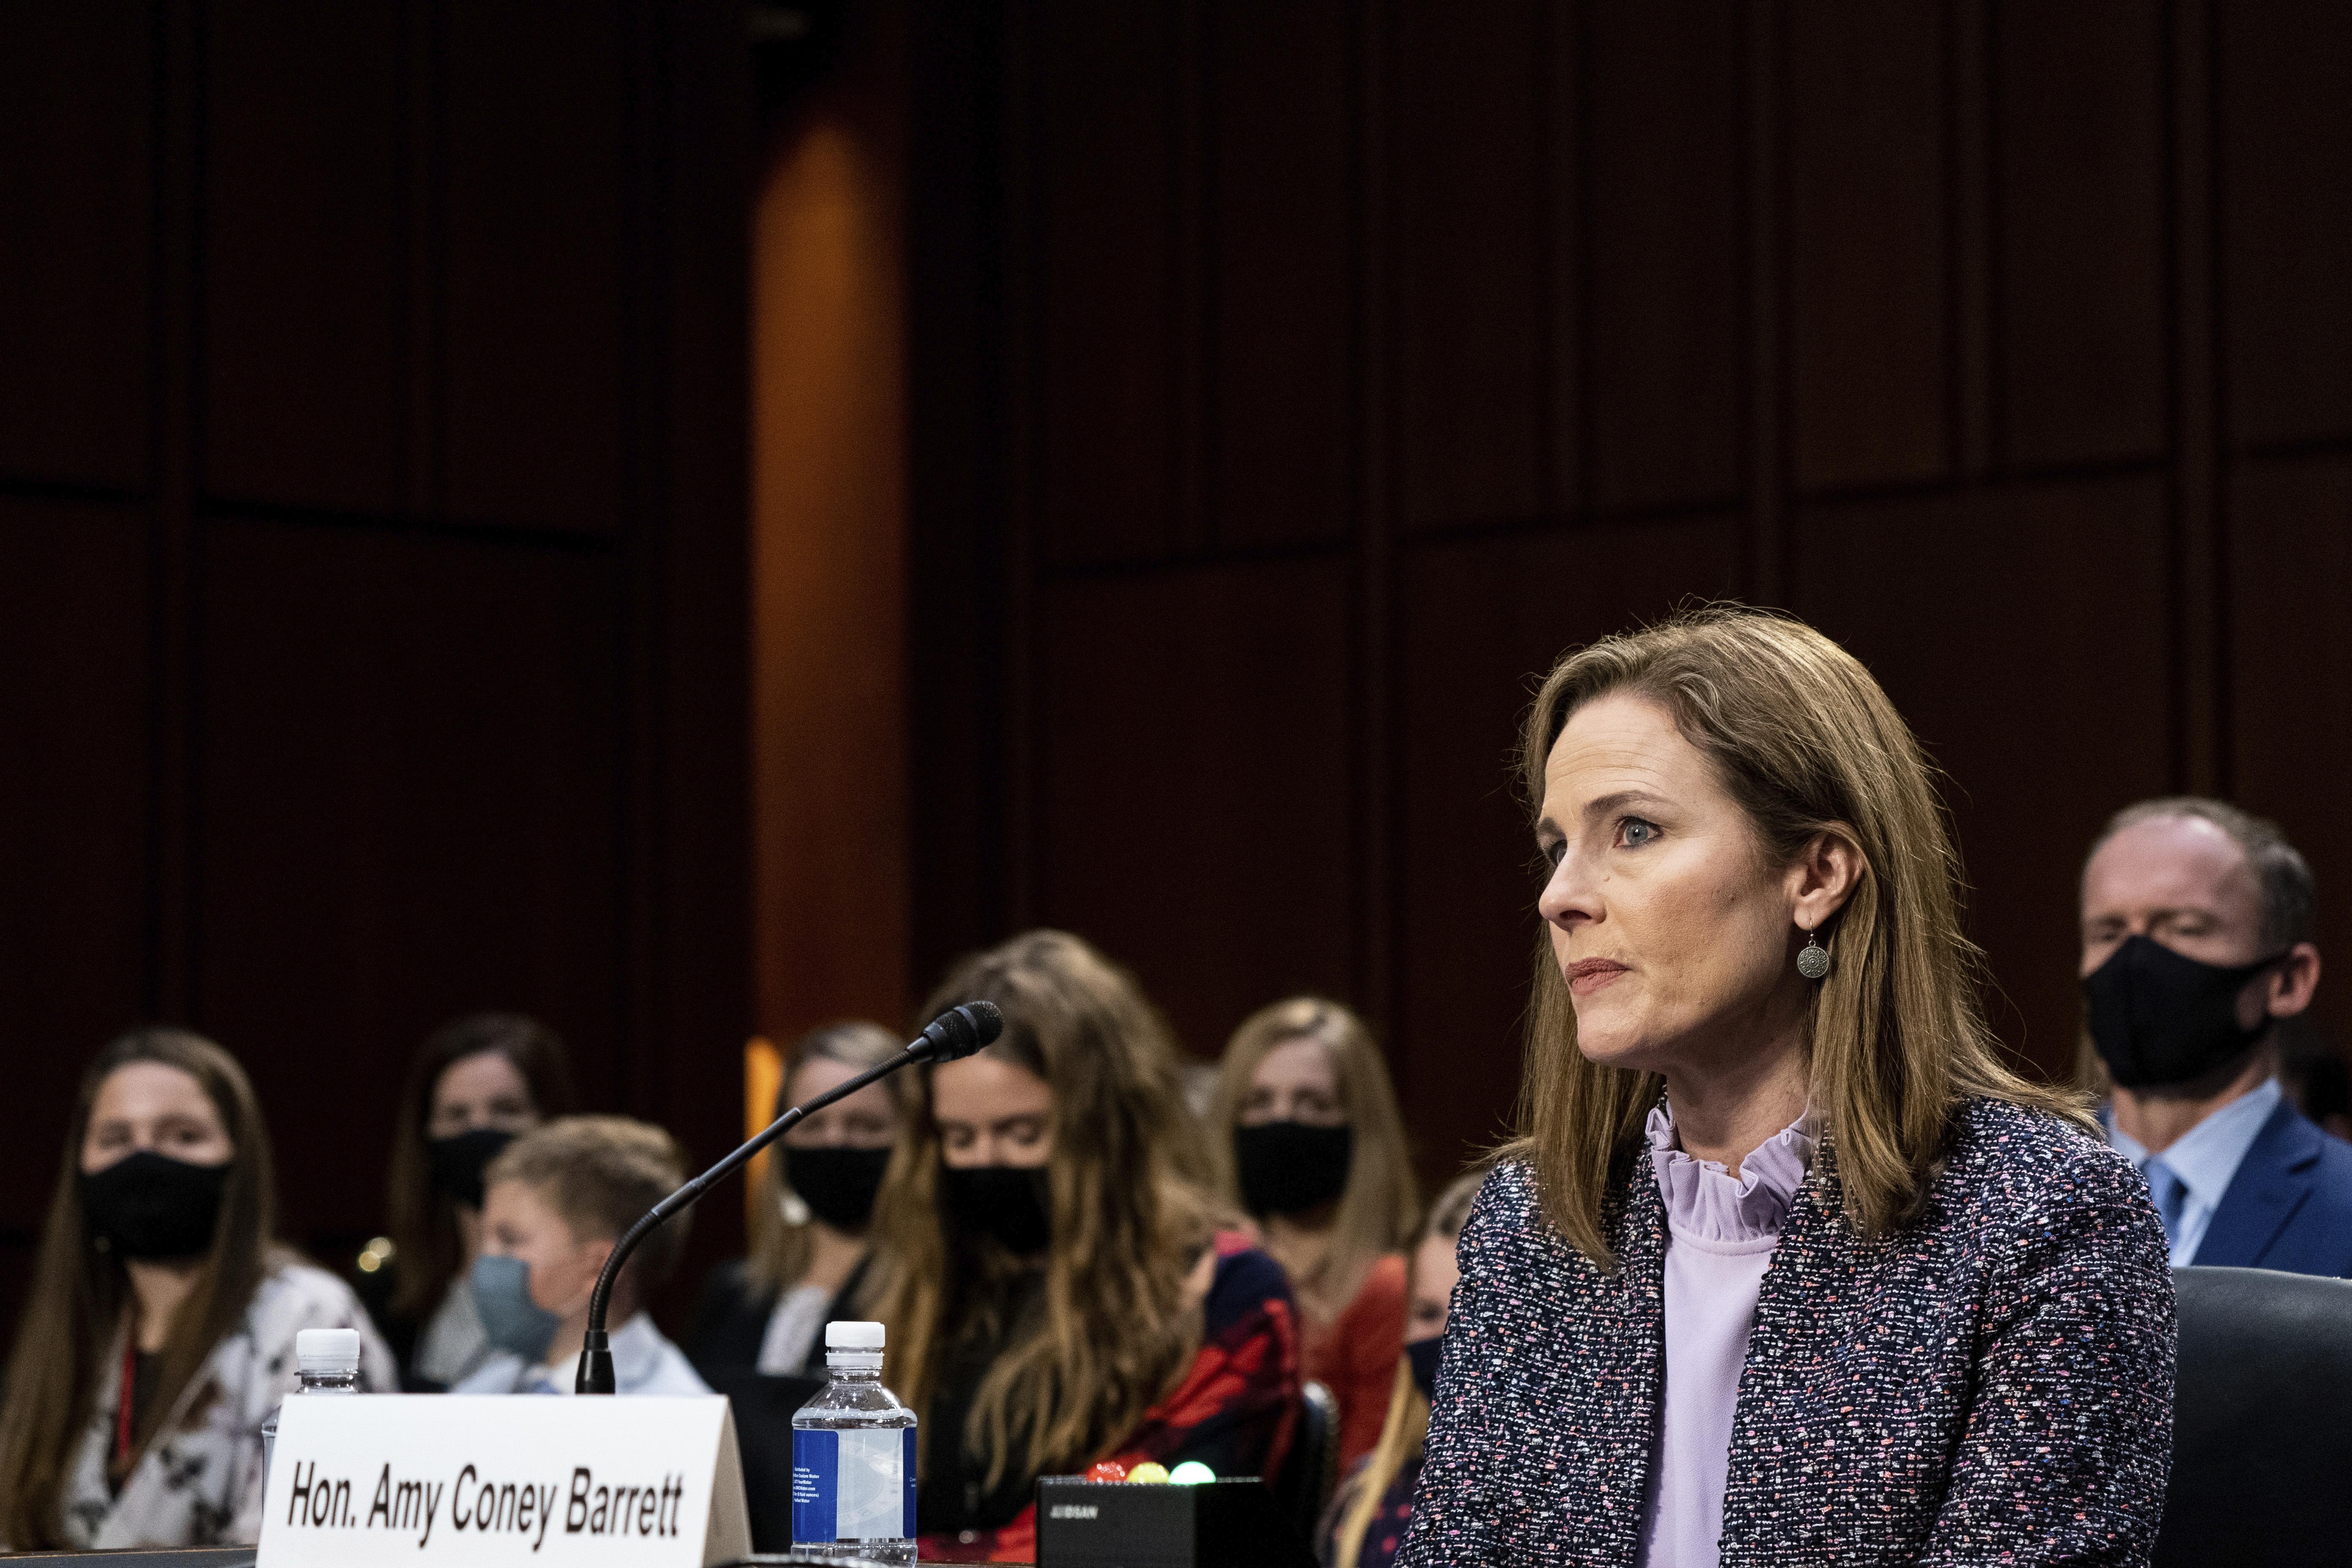 Senate panel advances Barrett Supreme Court nomination; Democrats boycott vote